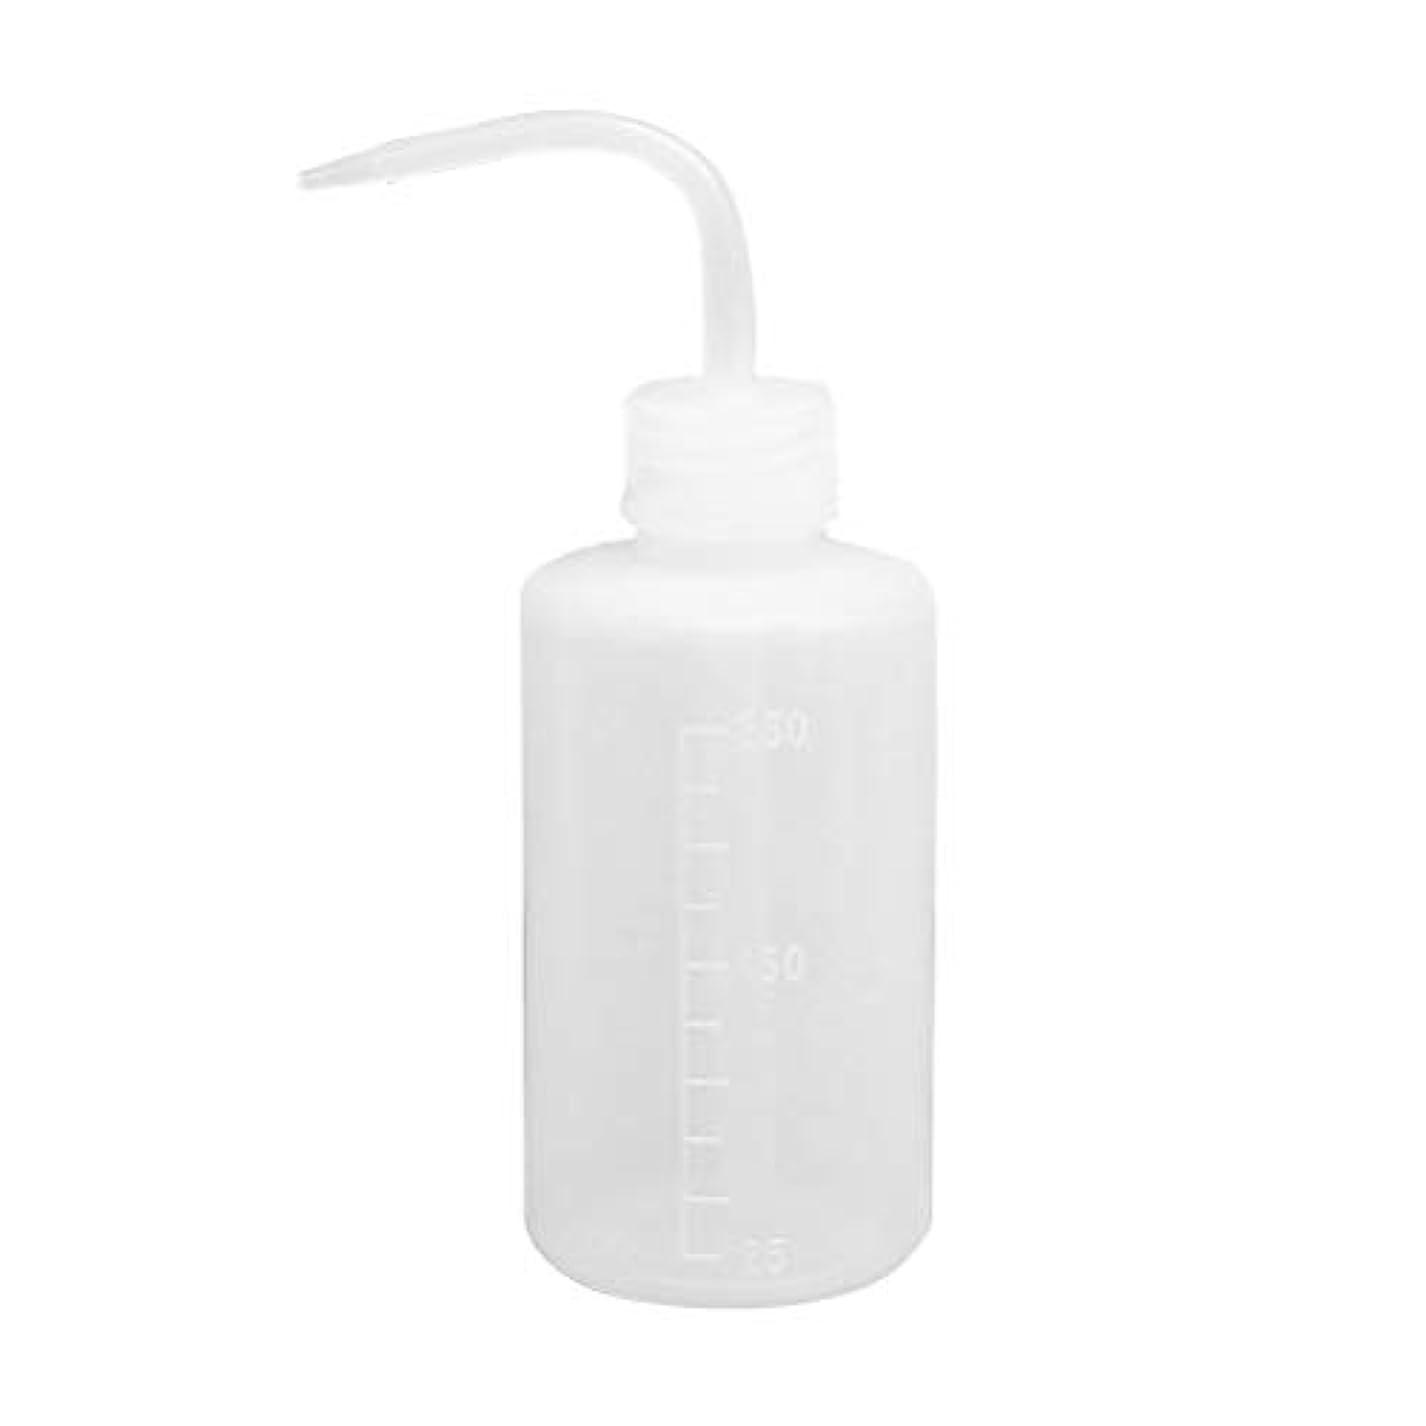 と組む起こる辞書Healifty ベント口付き洗浄瓶絞り瓶250ml